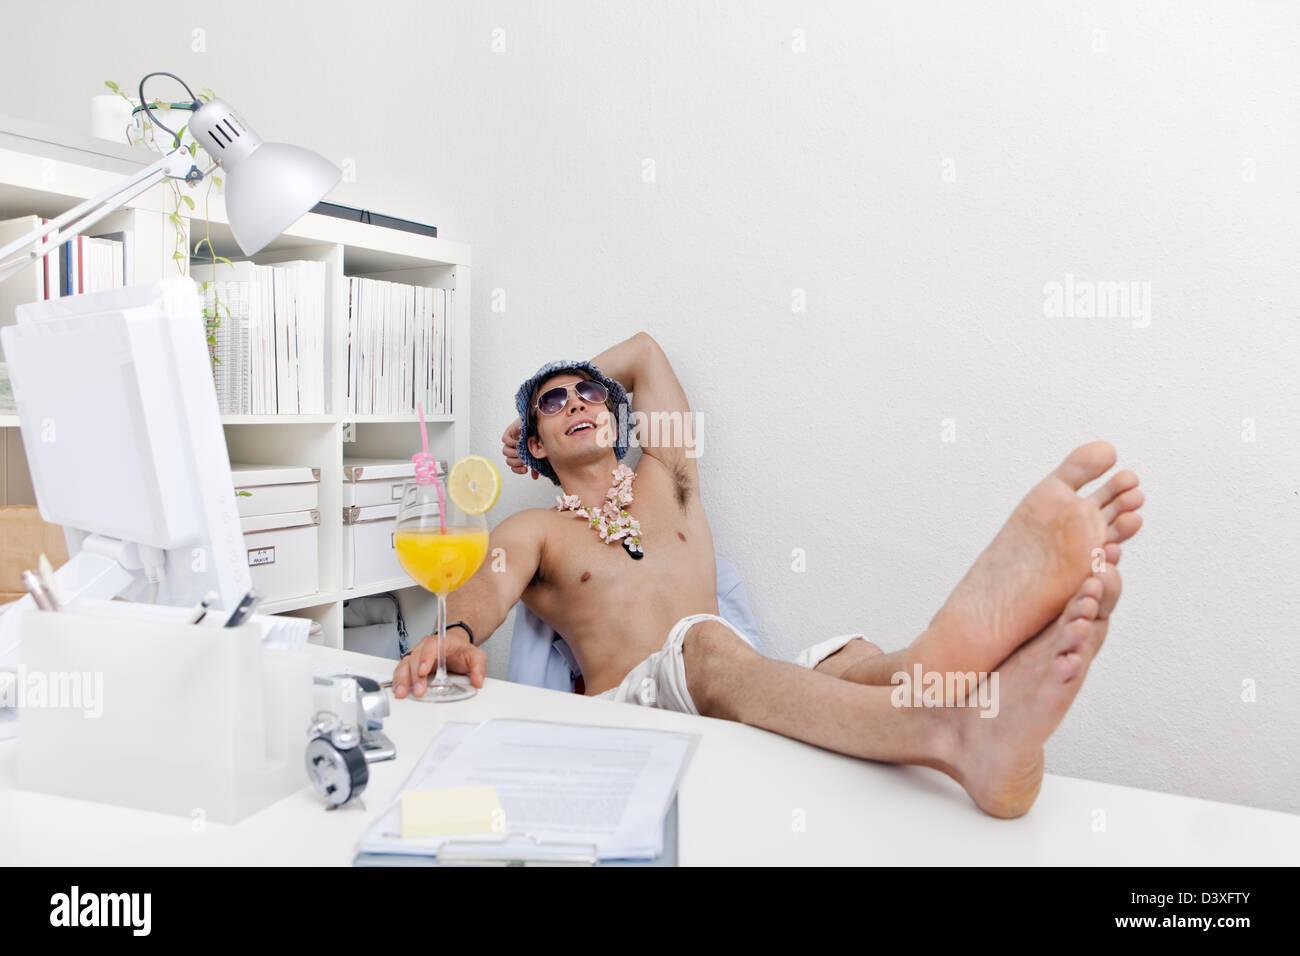 Joven en trajes de baño y gafas de sol y lei (guirnalda) con cóctel en el trabajo. En el estado de ánimo Imagen De Stock